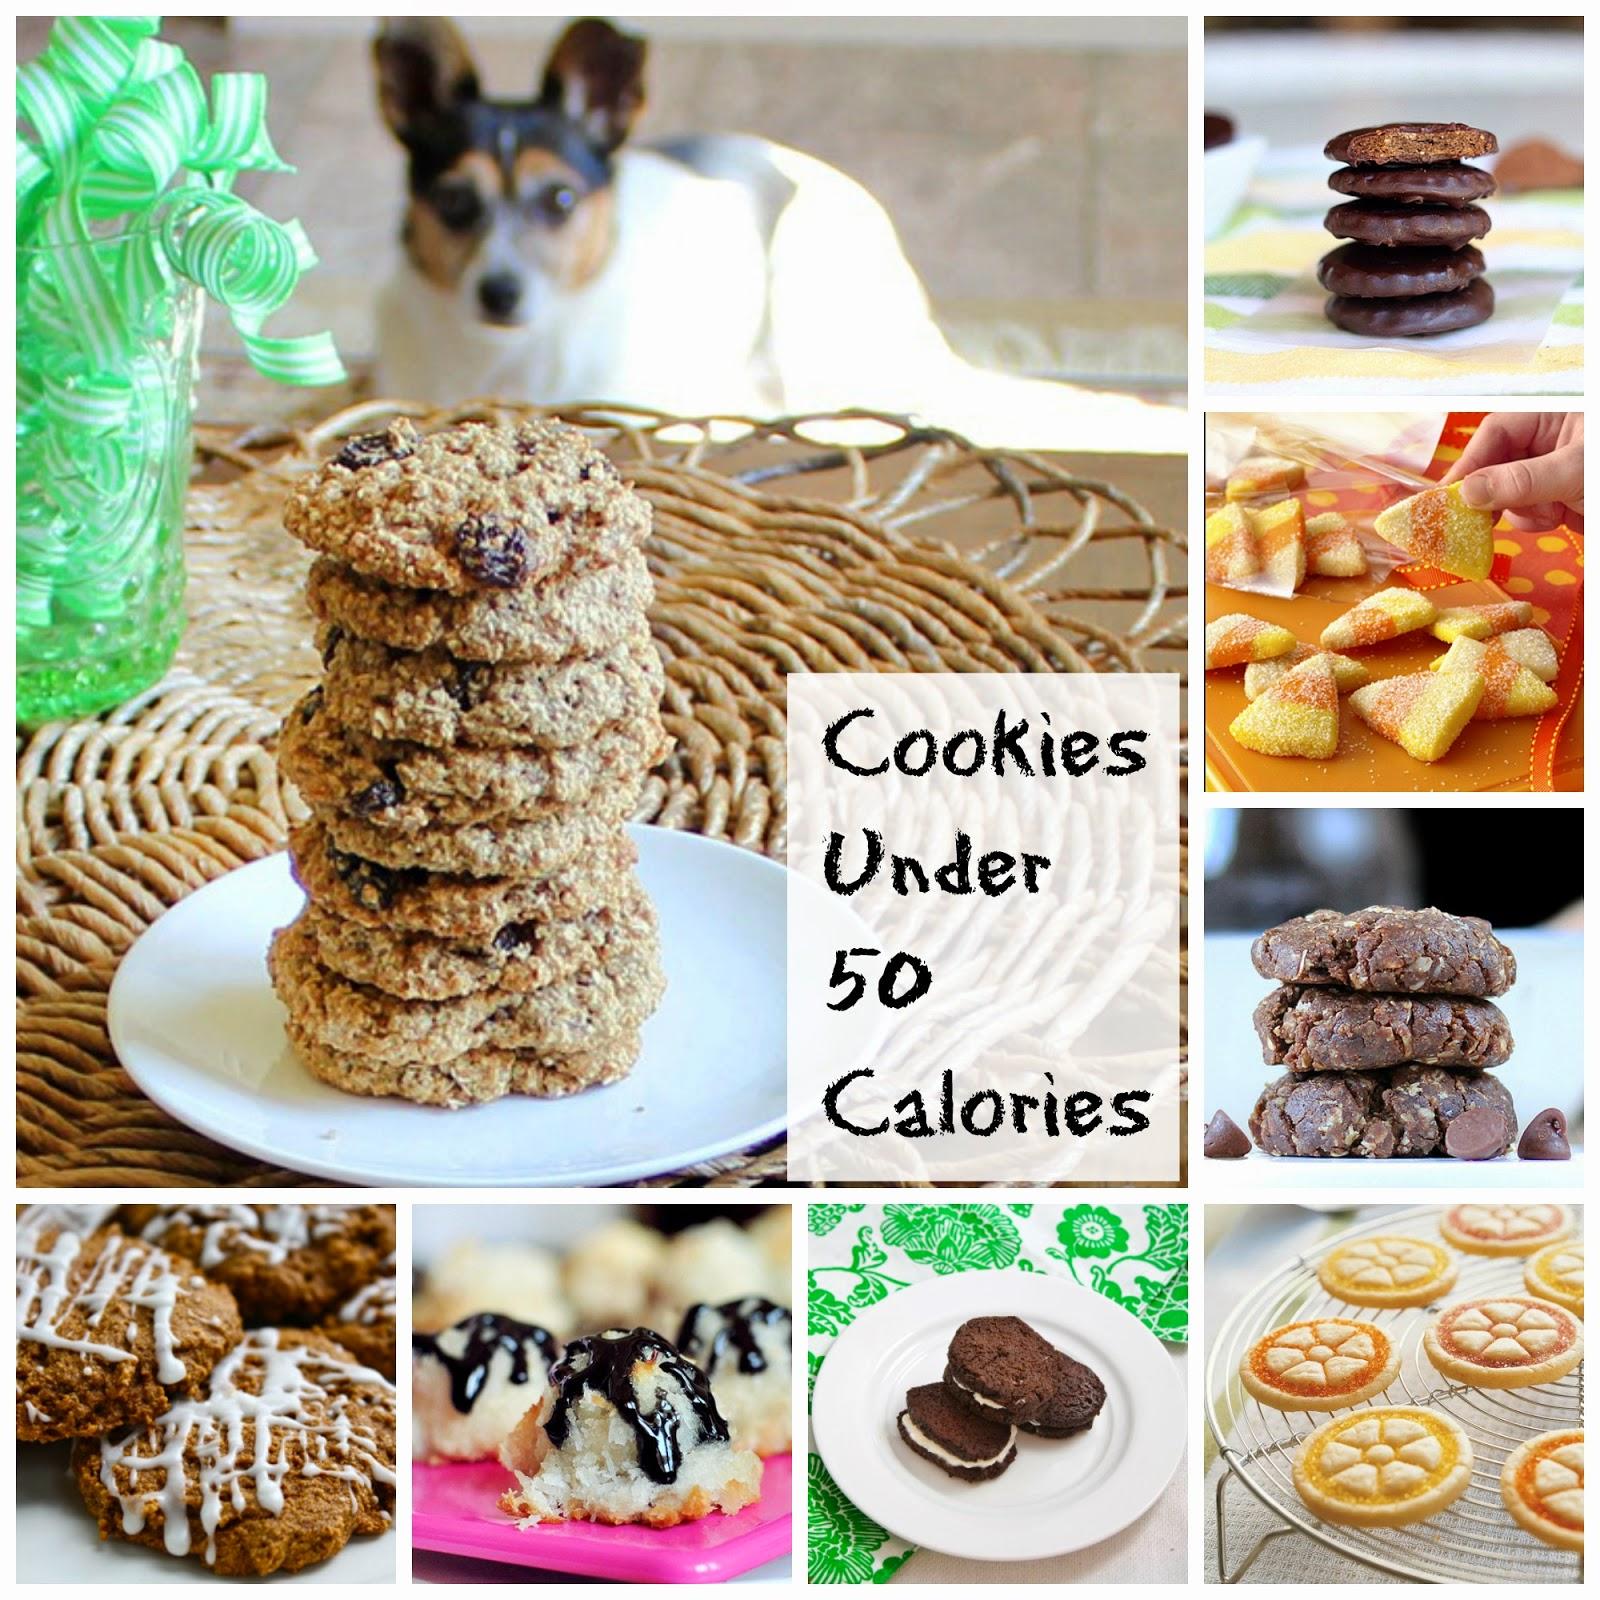 25 Cookies Under 50 Calories